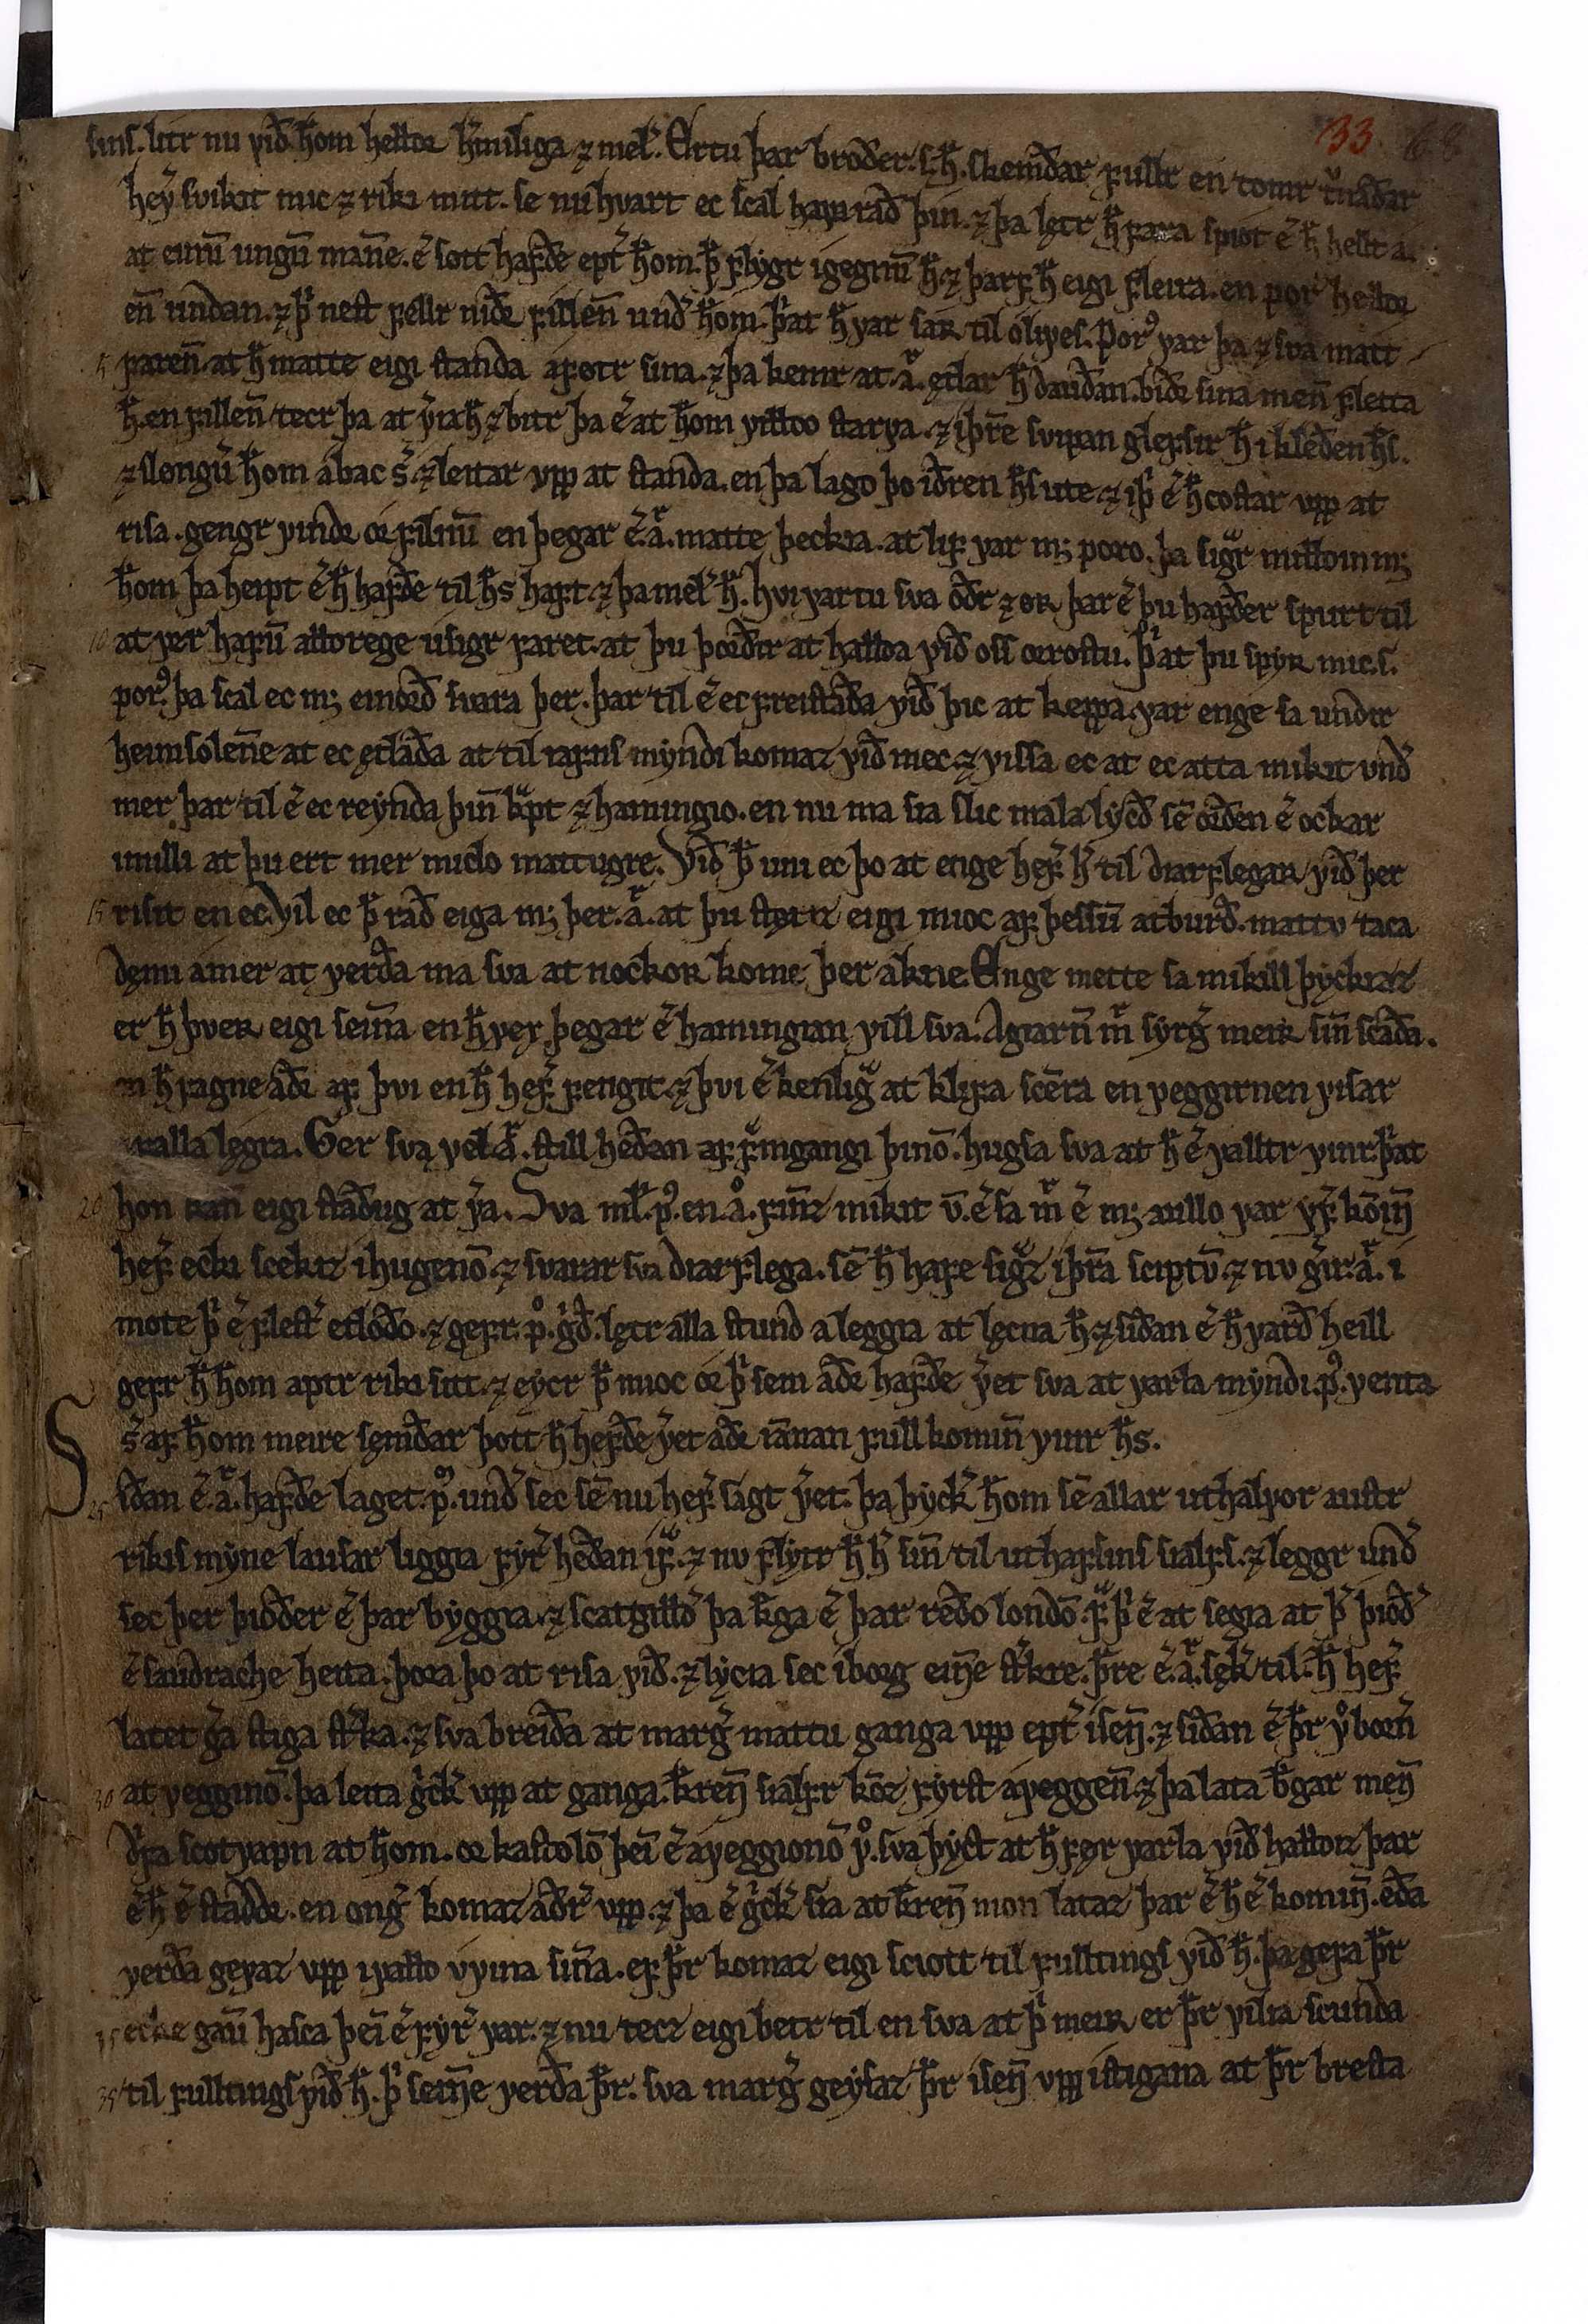 AM 519 a 4° - 33r